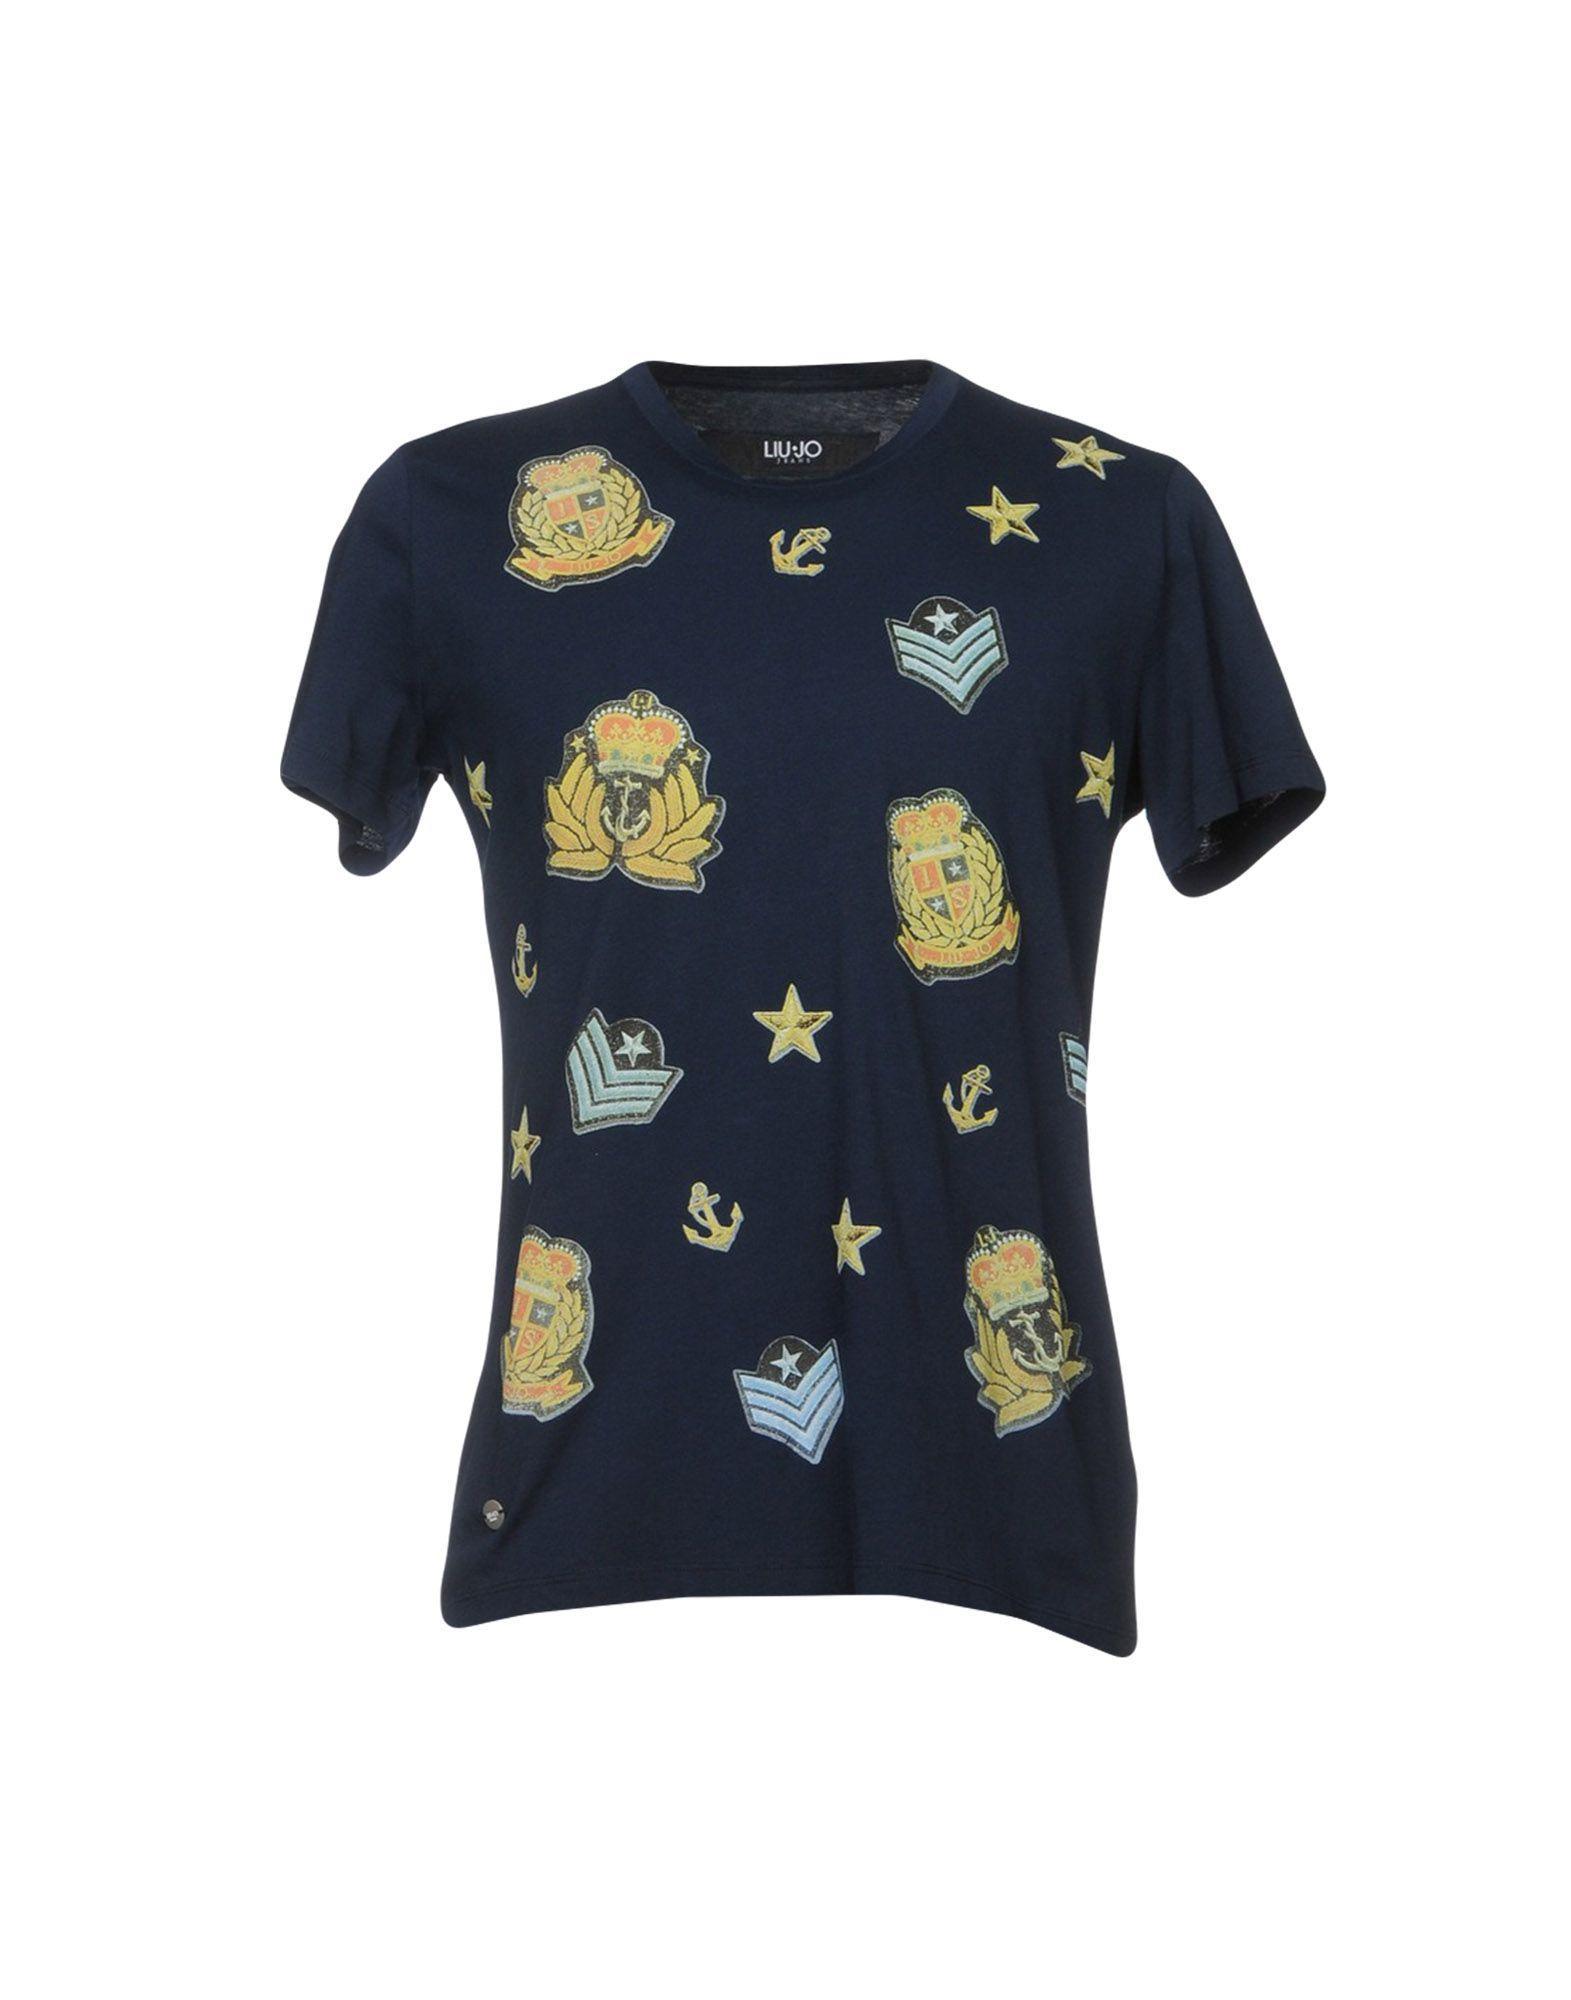 Liu •jo T-shirts In Dark Blue